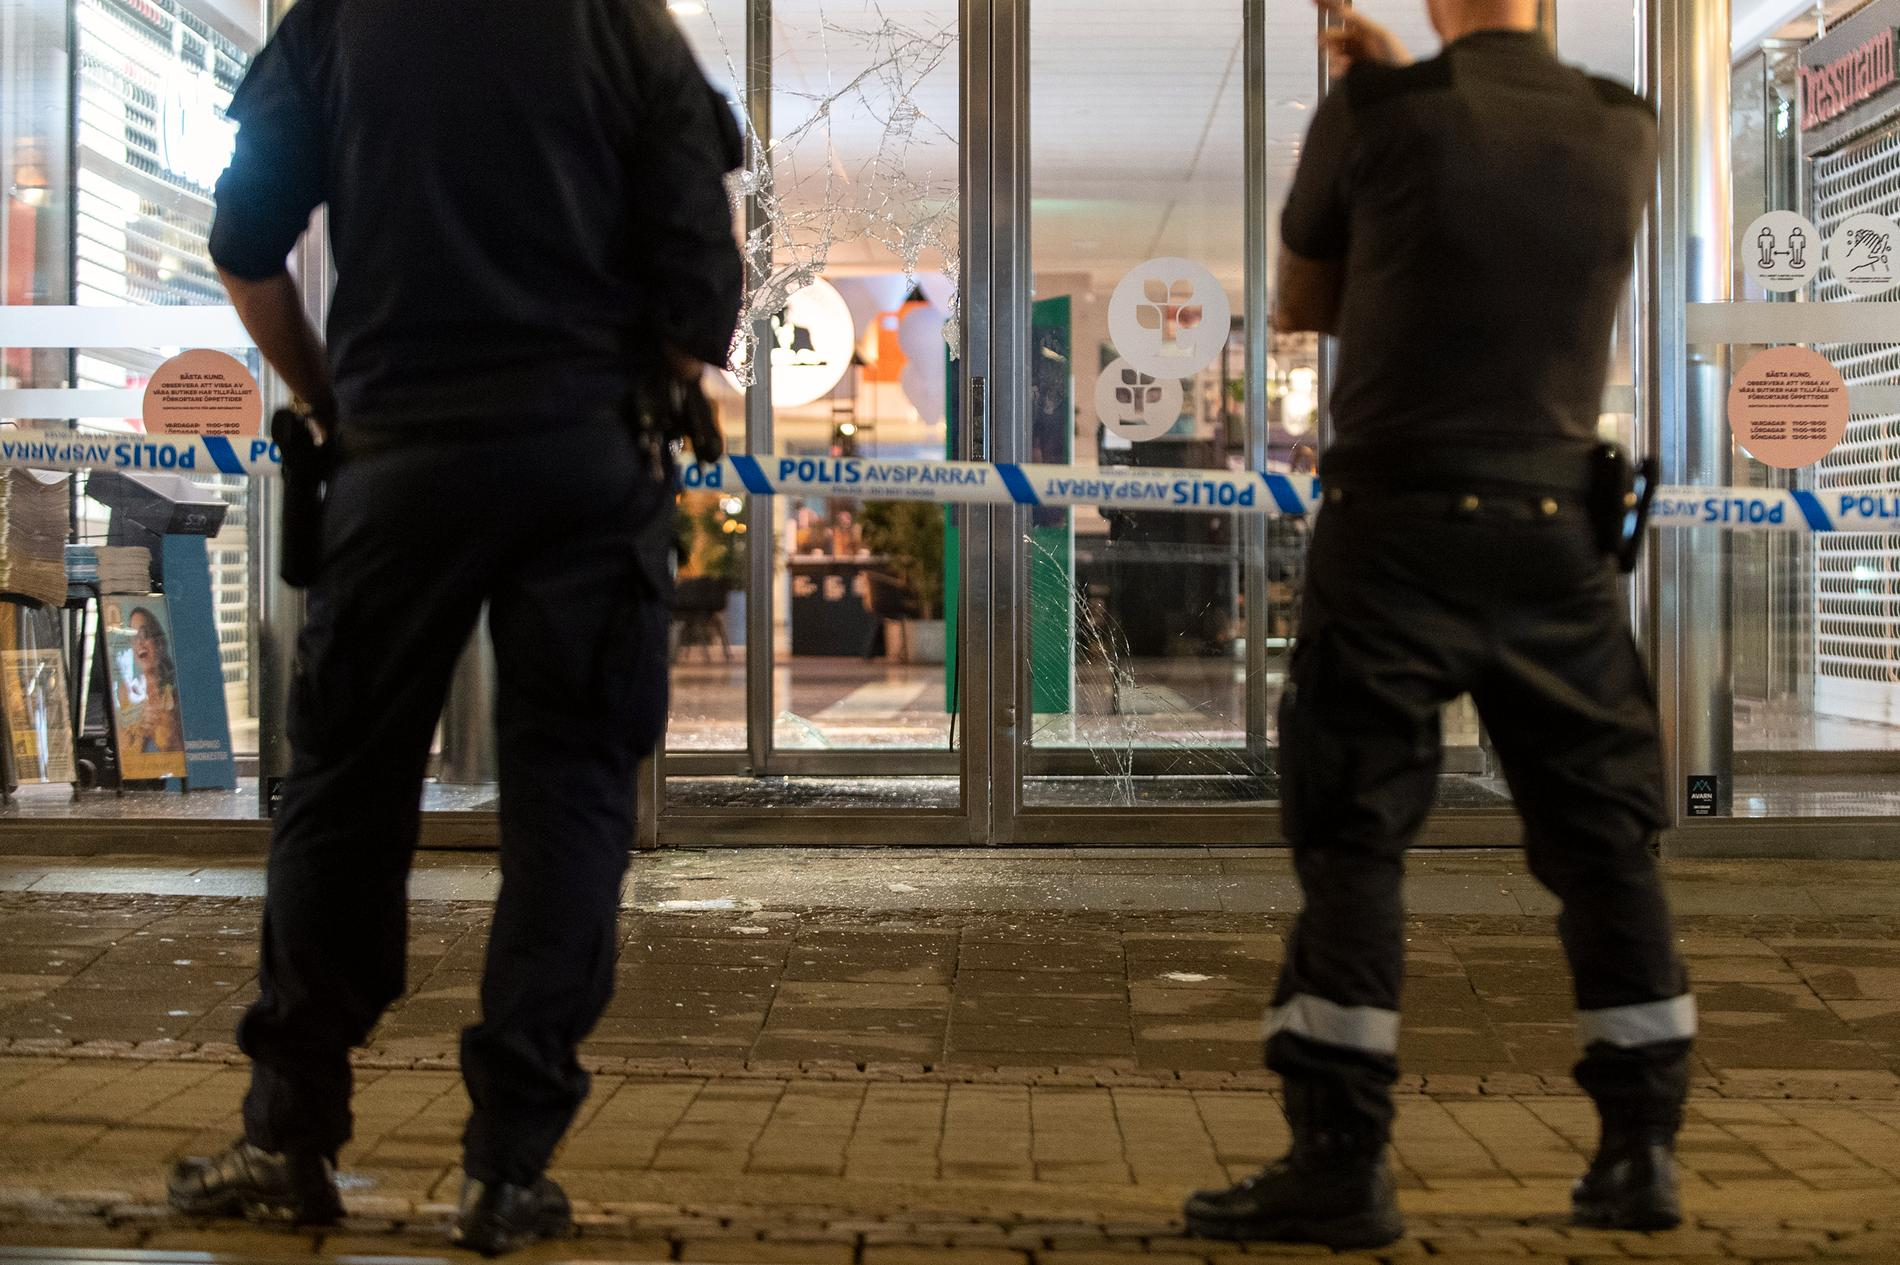 Polis och väktare utanför butiken i Norrköping.